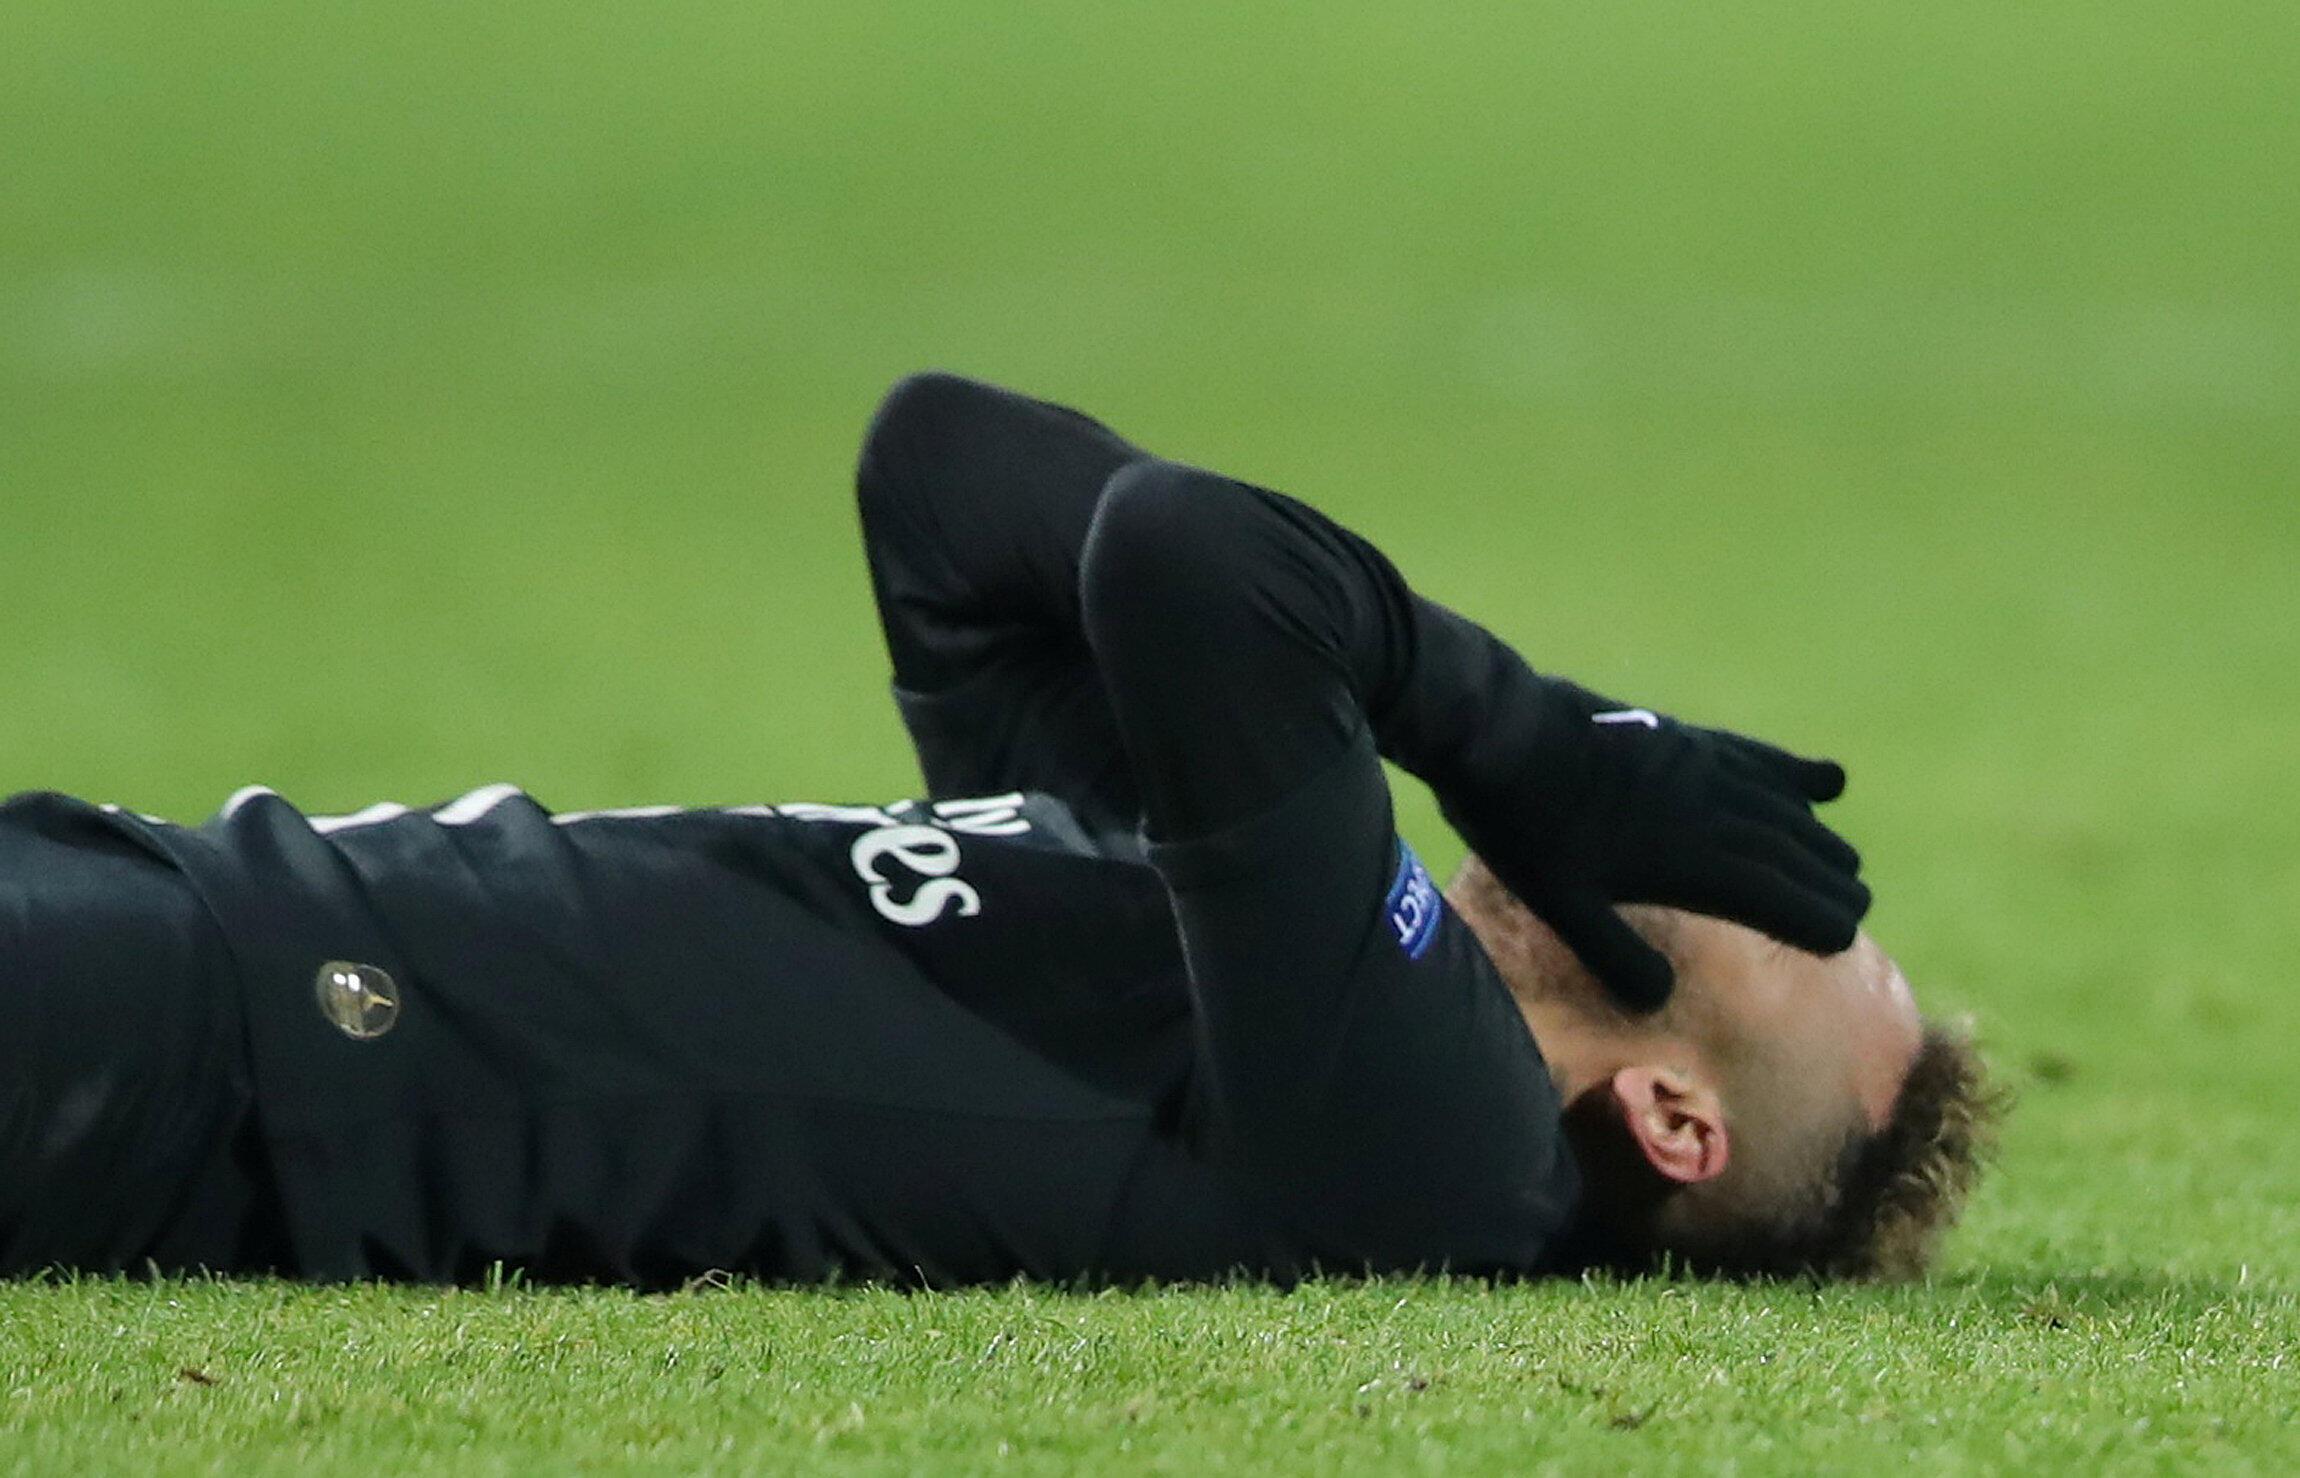 O Paris Saint-Germain, com Neymar (na foto), foi eliminado pelo Guingamp por 1-2 nos quartos-de-final da Taçda da Liga francesa.